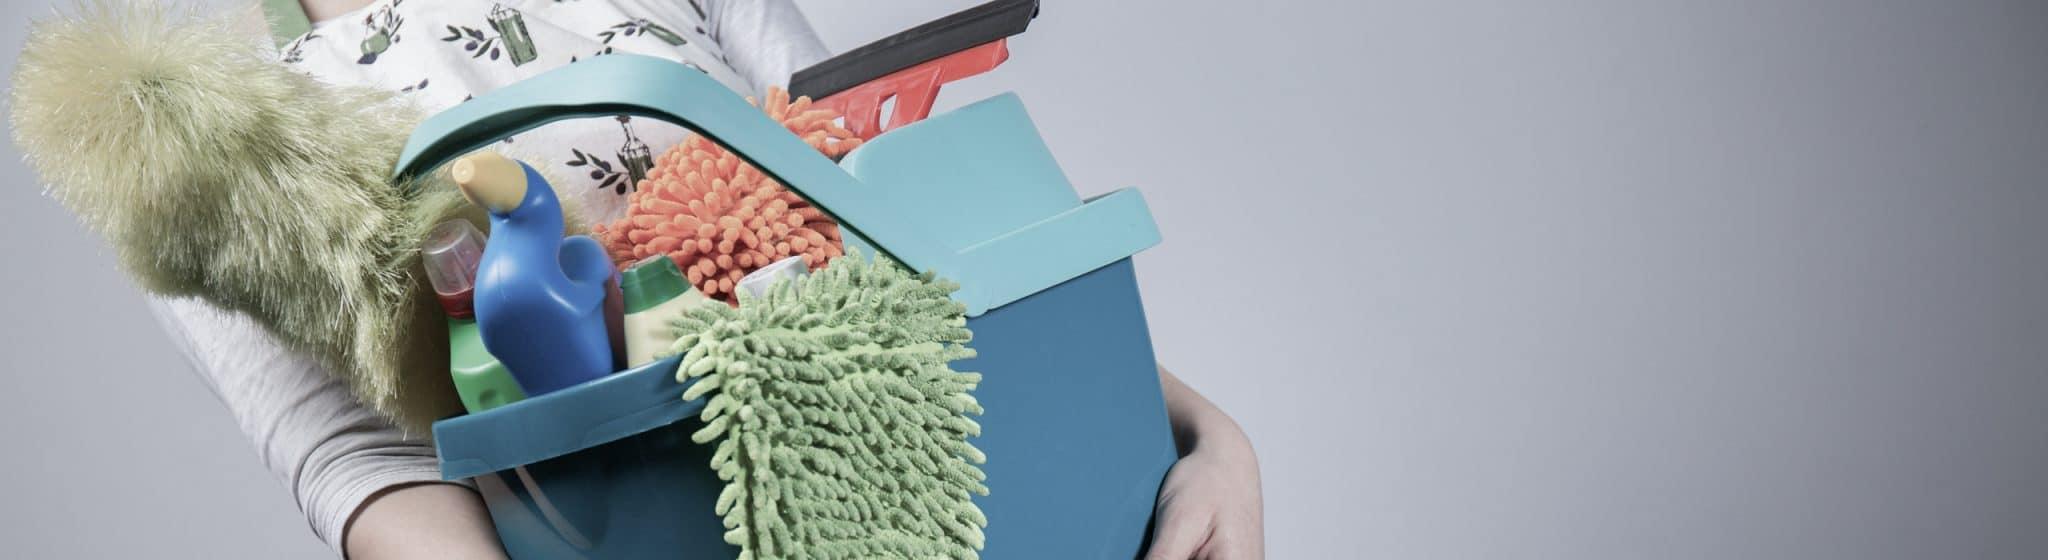 Vaskespand med rengøringsmidler